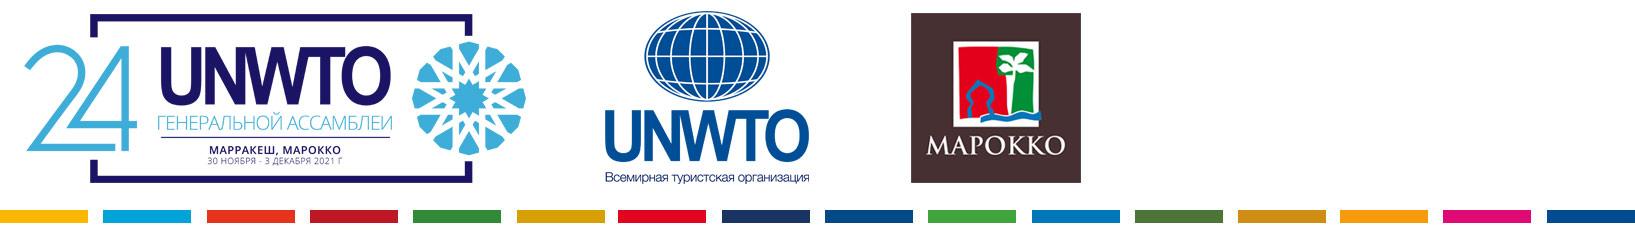 Двадцать четвёртая сессия Генеральной ассамблеи ЮНВТО